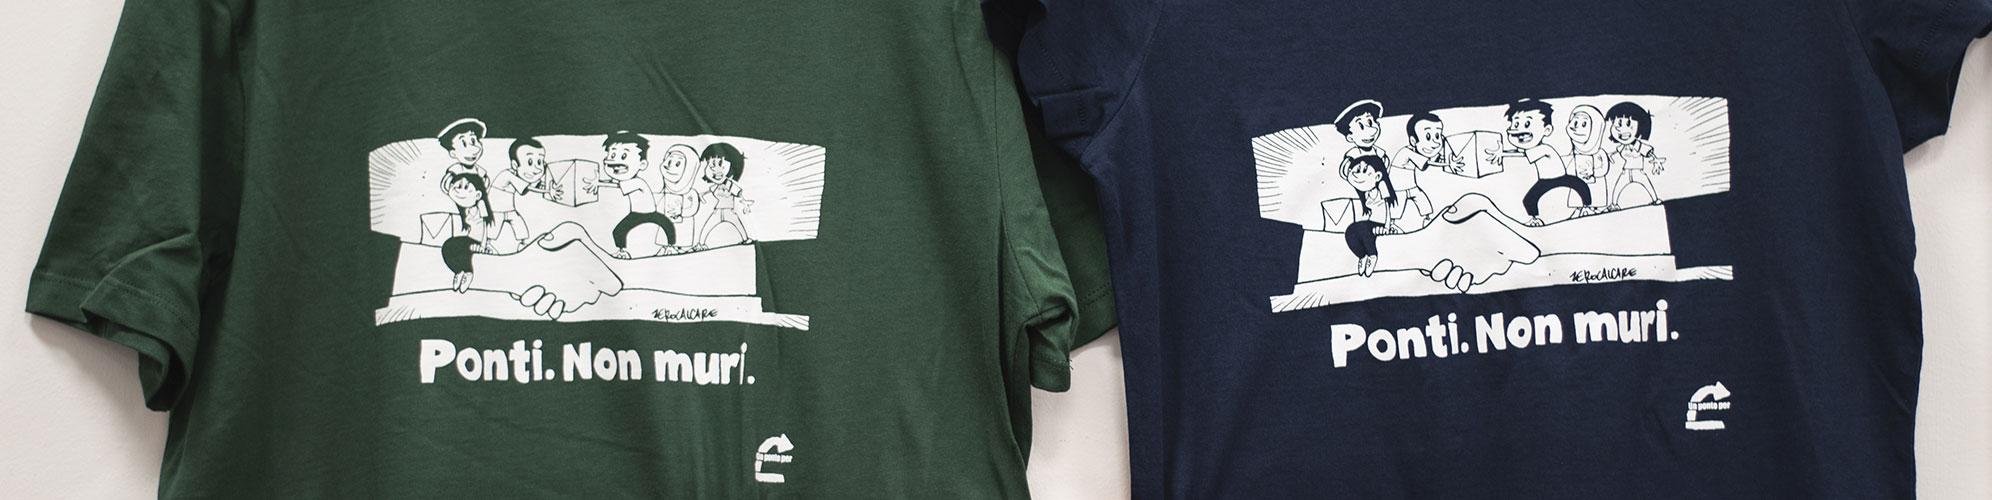 t-shirt_pontinonmuri_inner